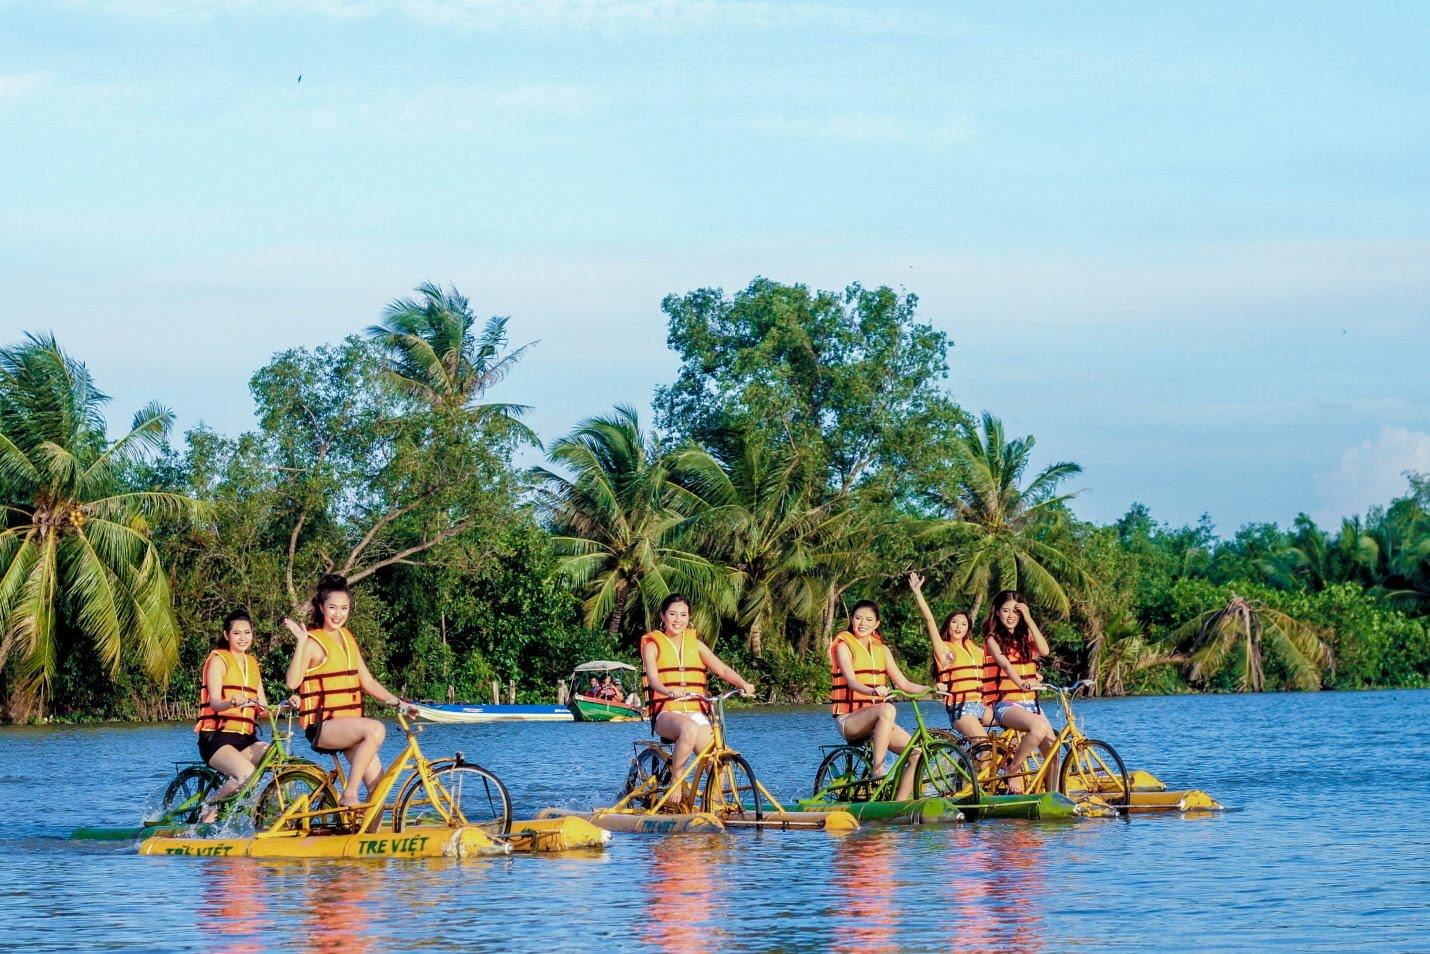 hoạt động tại Làng du lịch Tre Việt